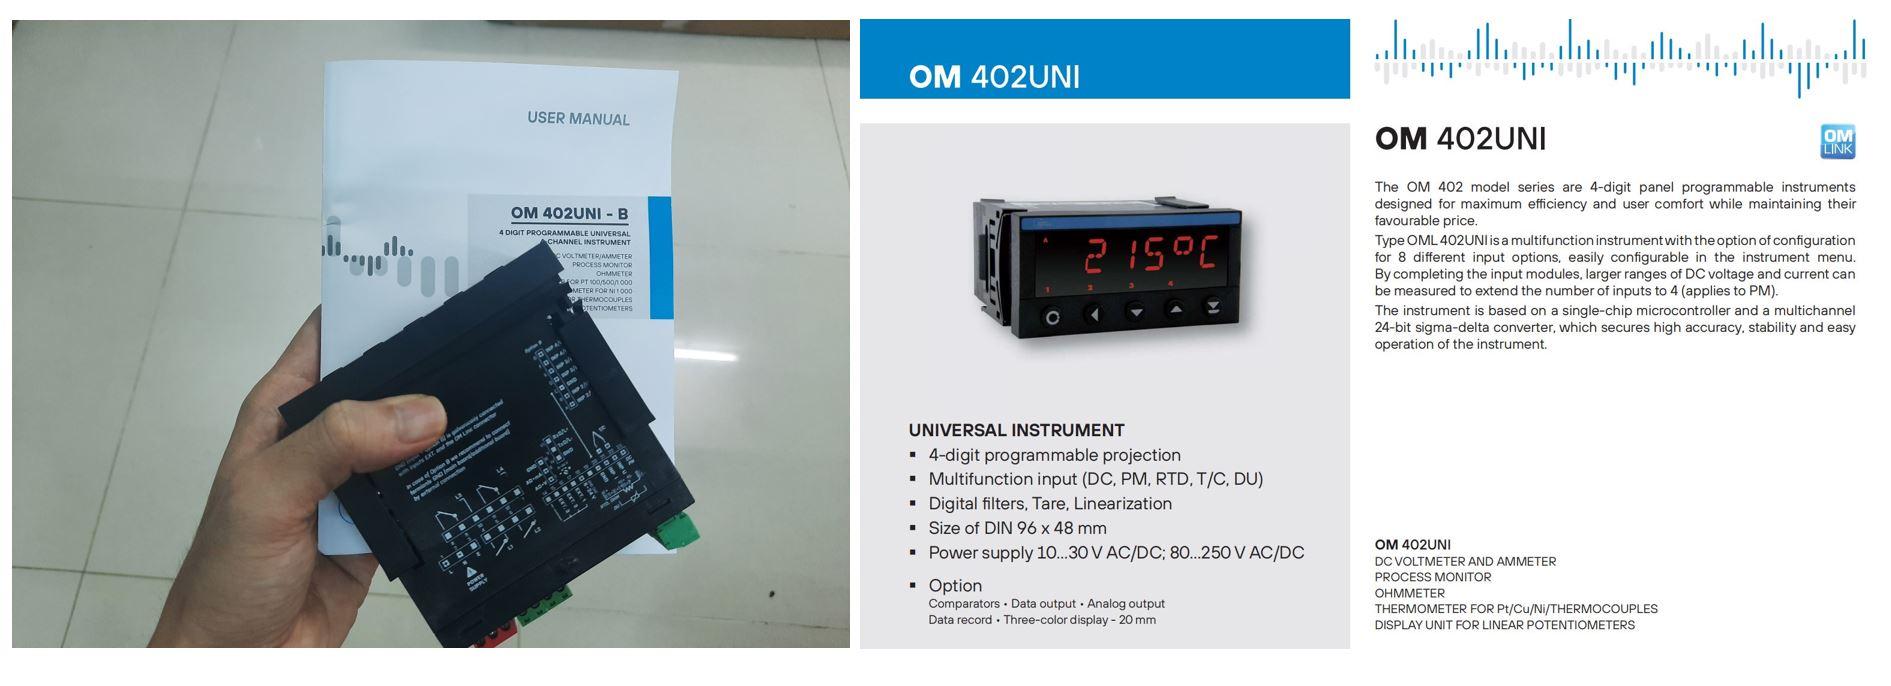 Bộ đọc OM402UNI-1B2